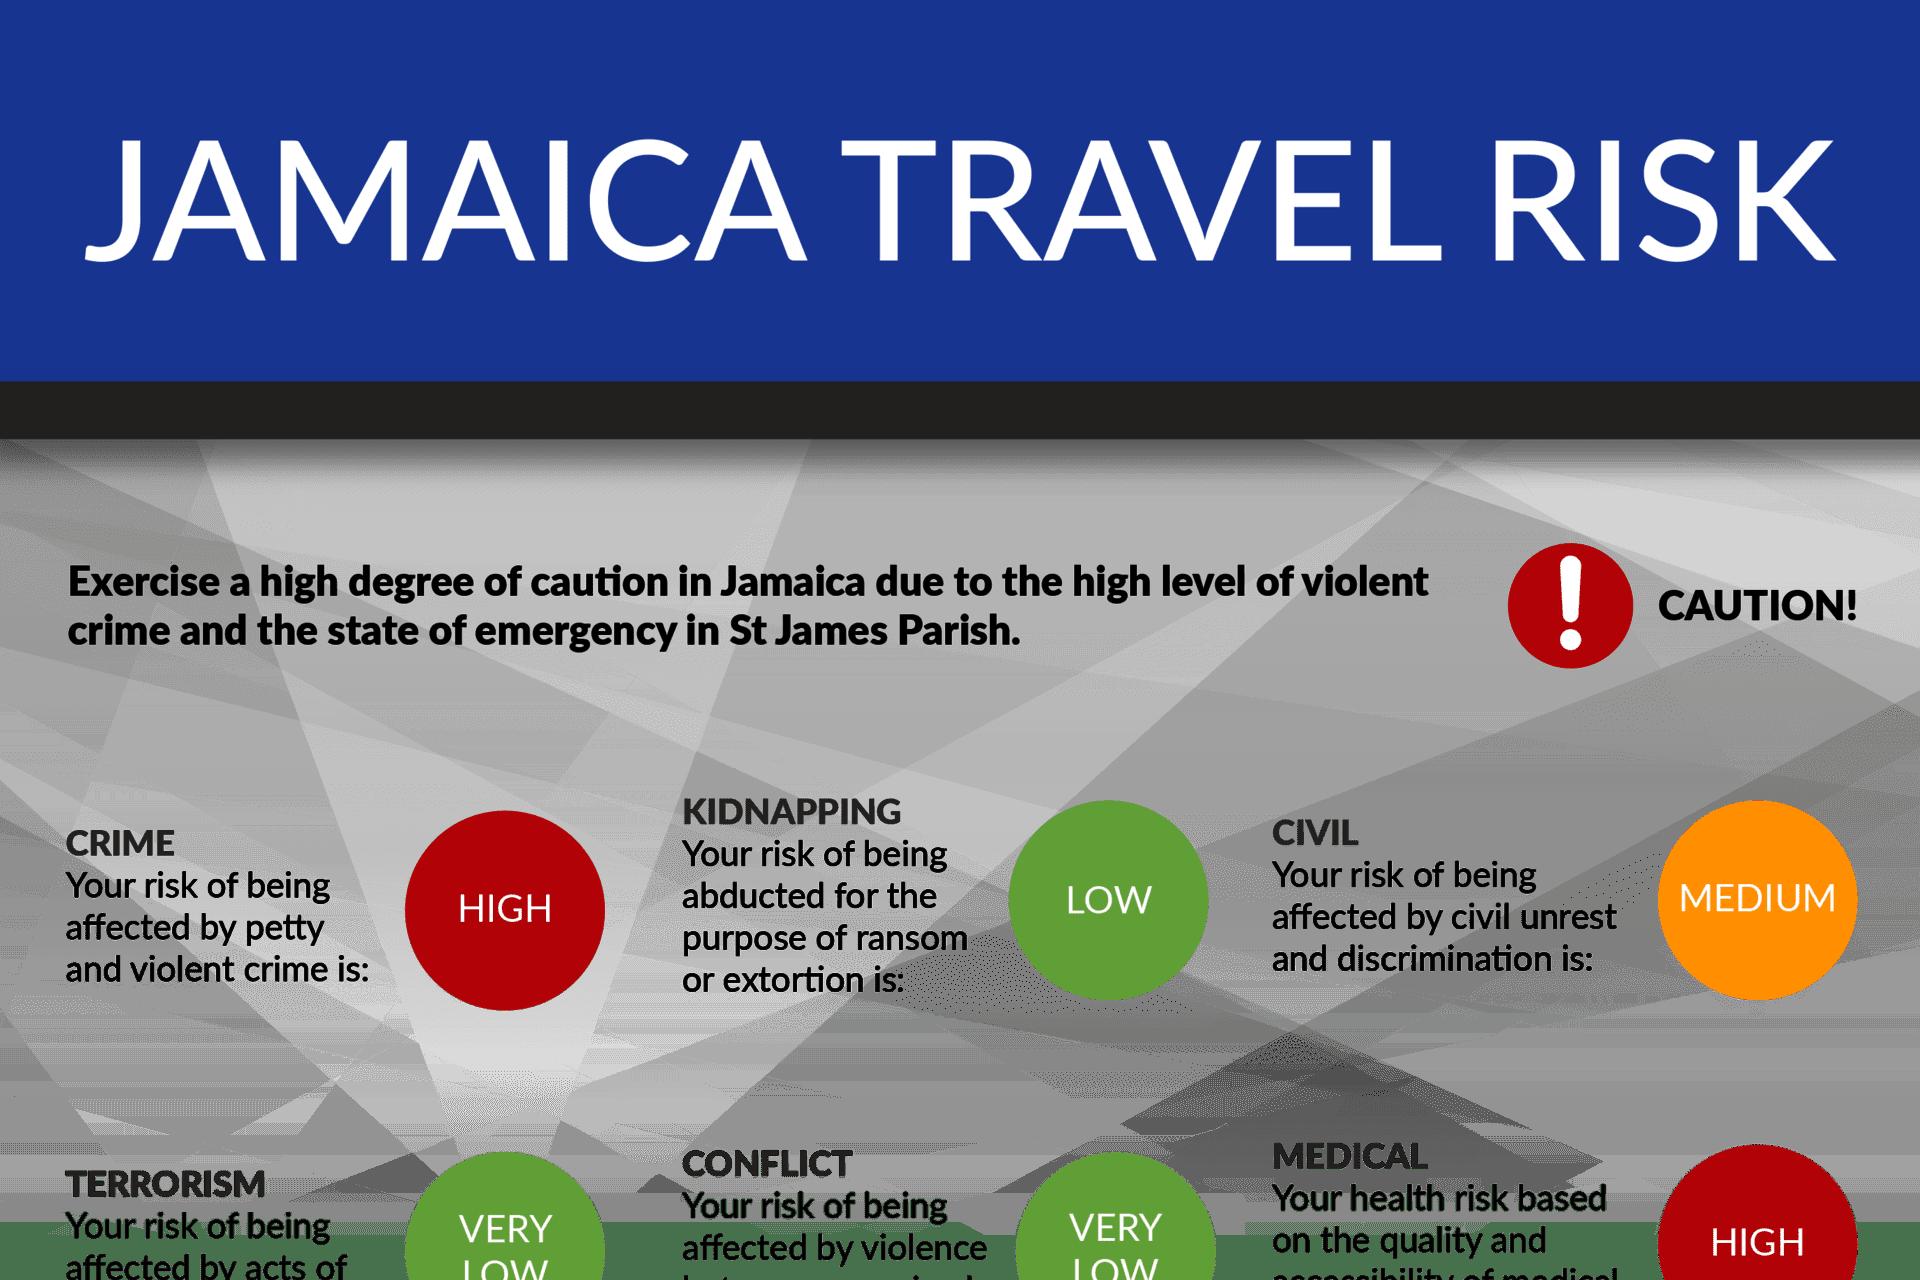 Travel Risk Report: Jamaica